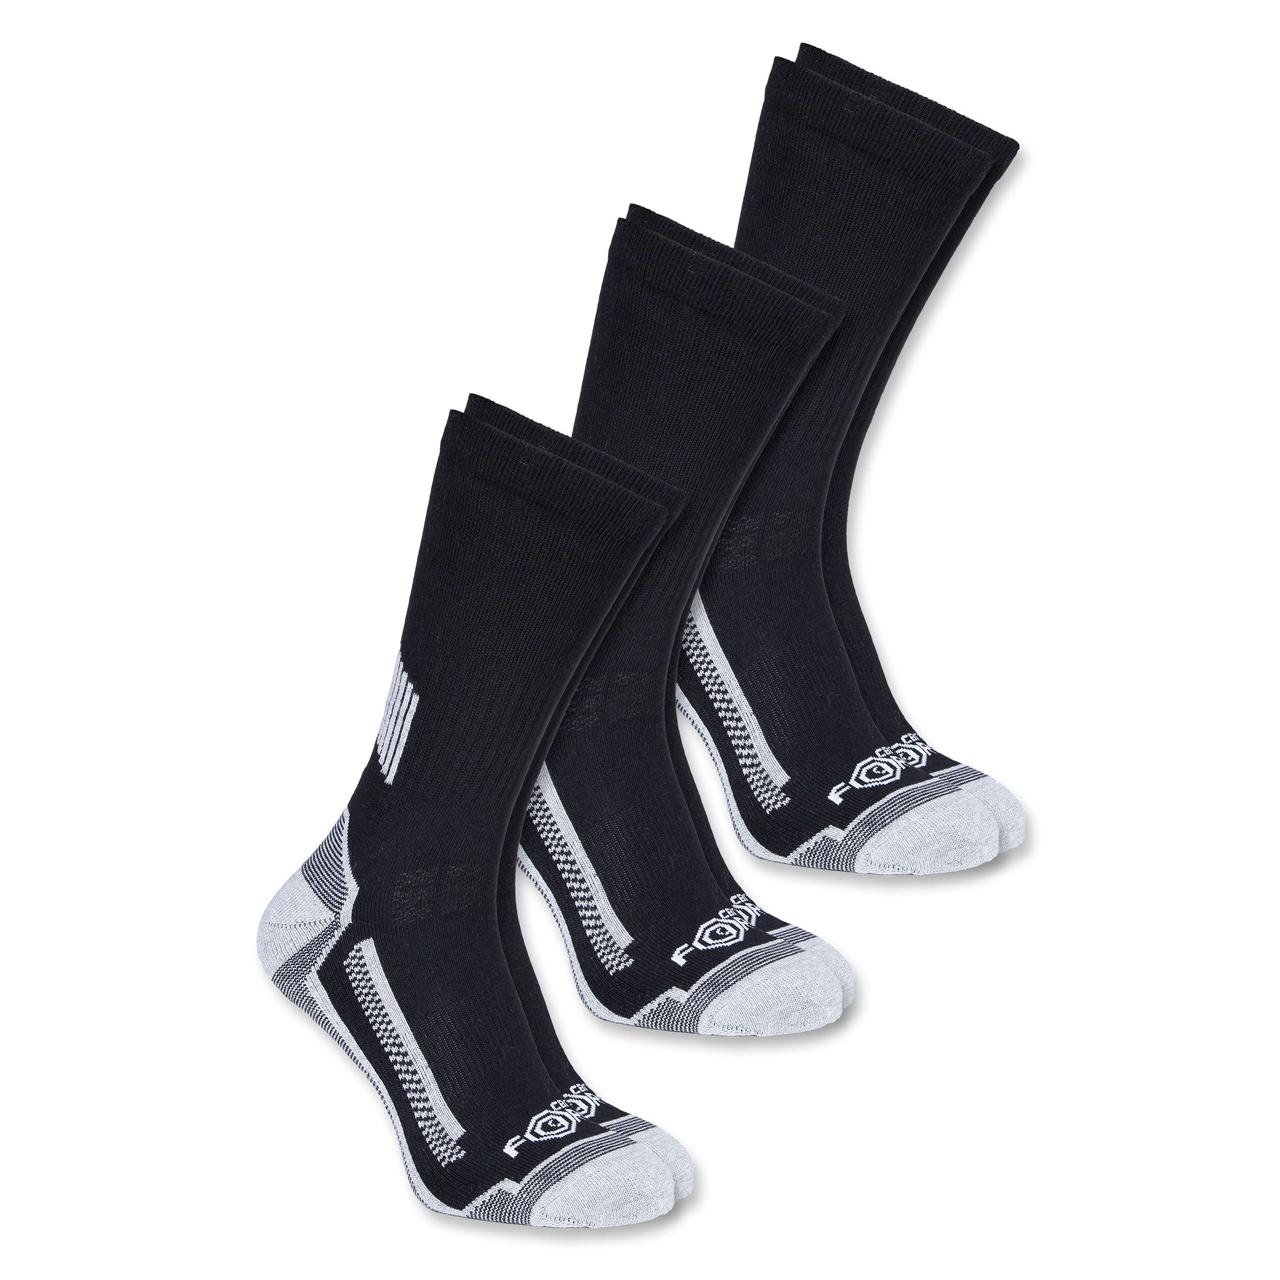 """Carhartt Sok Force Work Crew Sock 3-Par """"Black"""" - Mærker Diverse -> Arbejdstøj og sikkerhedssko Diverse Mærker -> Carhartt -> Sko og støvletter Mærker -> Carhartt"""